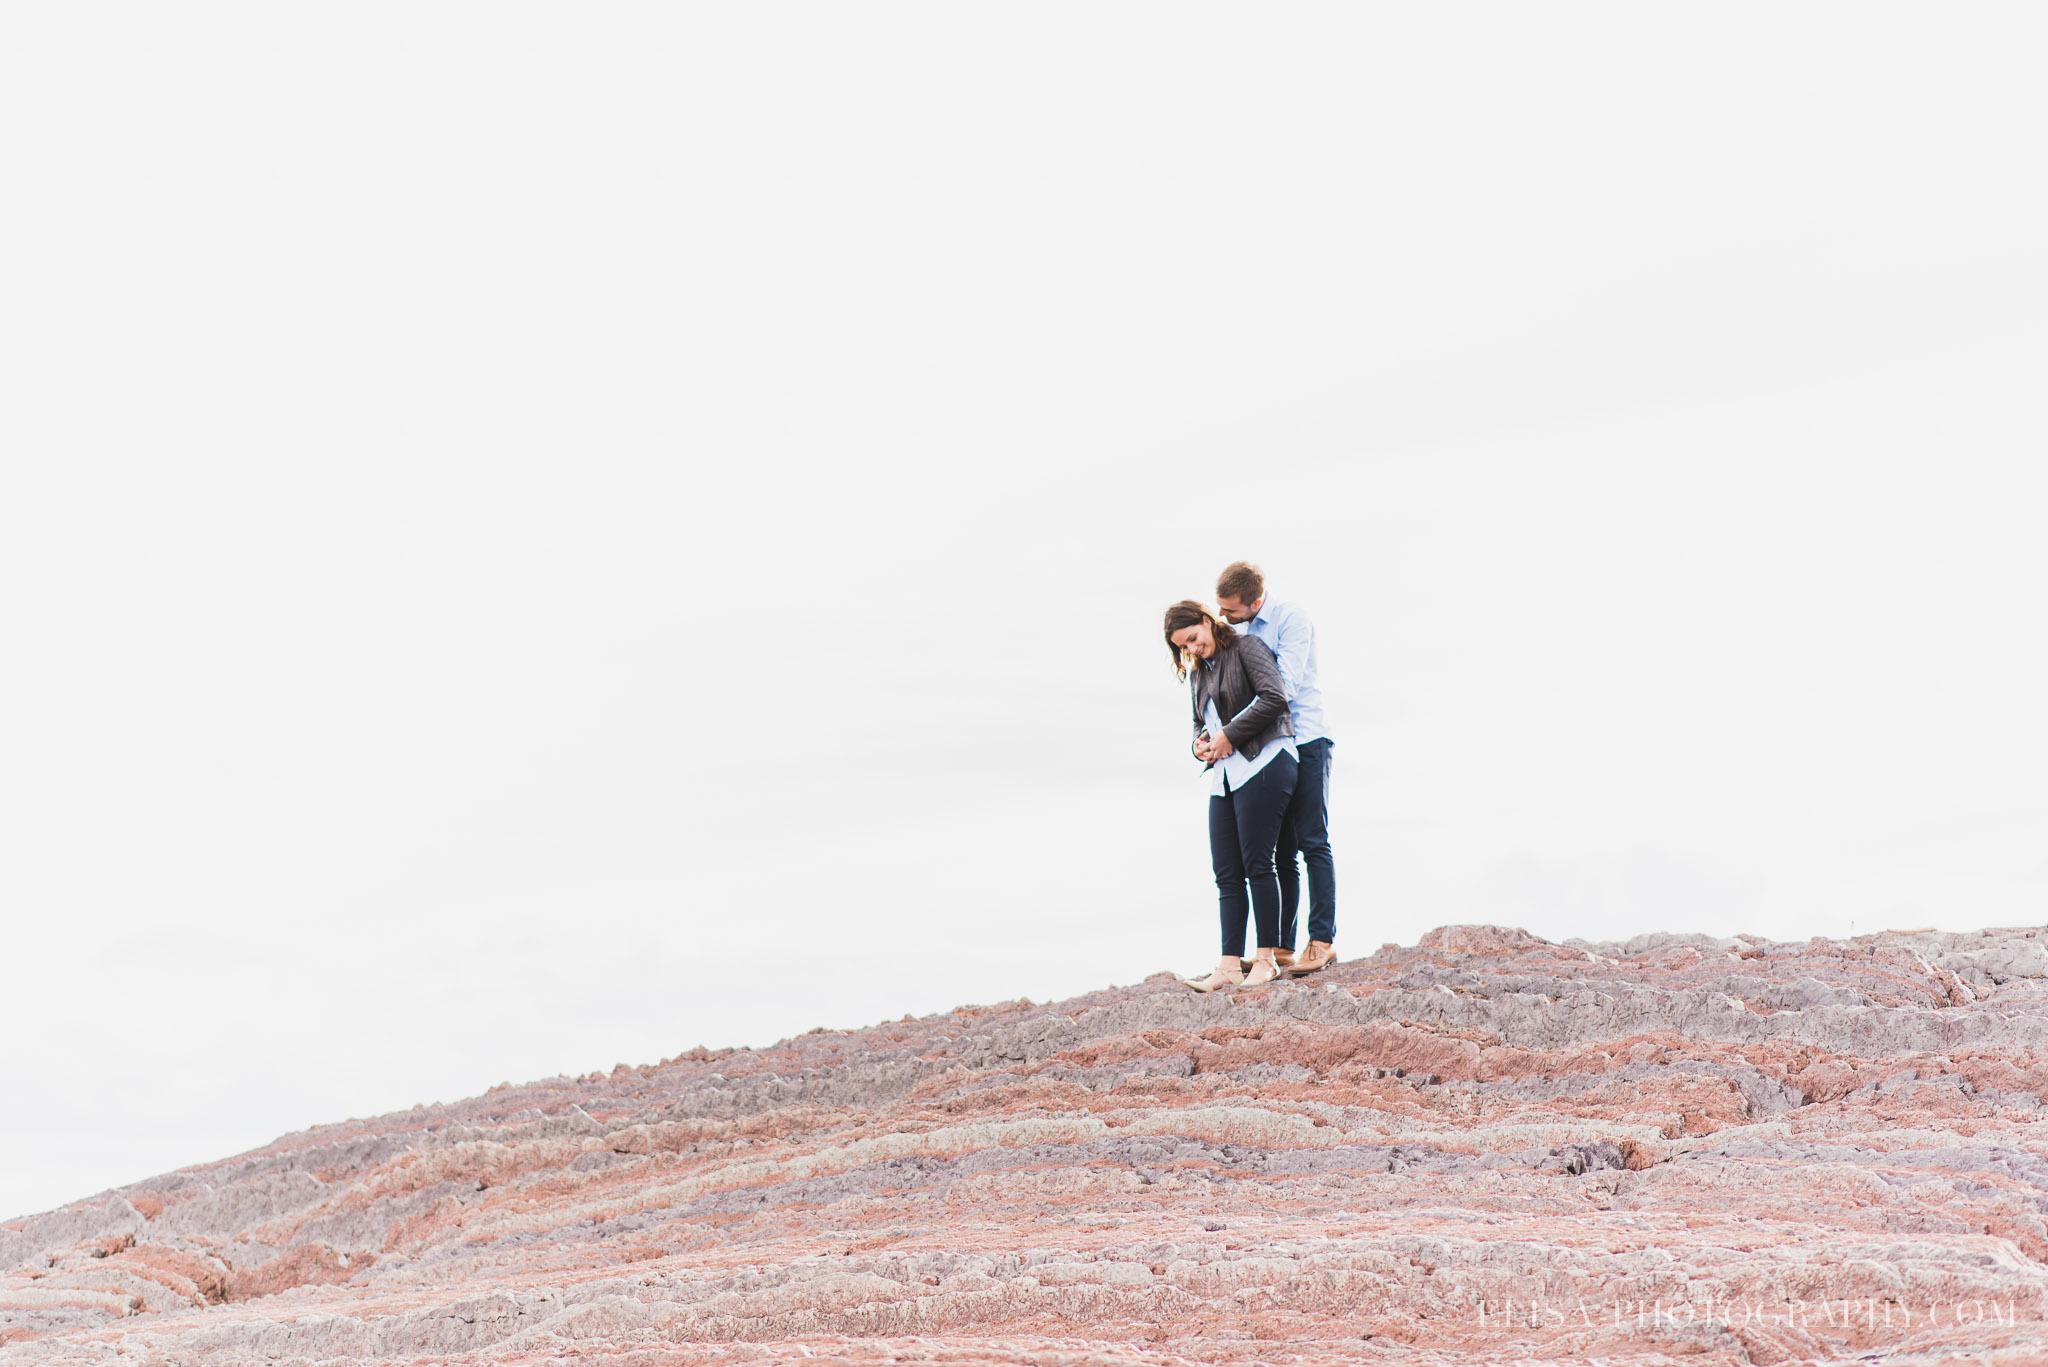 fiançailles romantique sur les rochers à l'Ile d'Orléans, Québec.